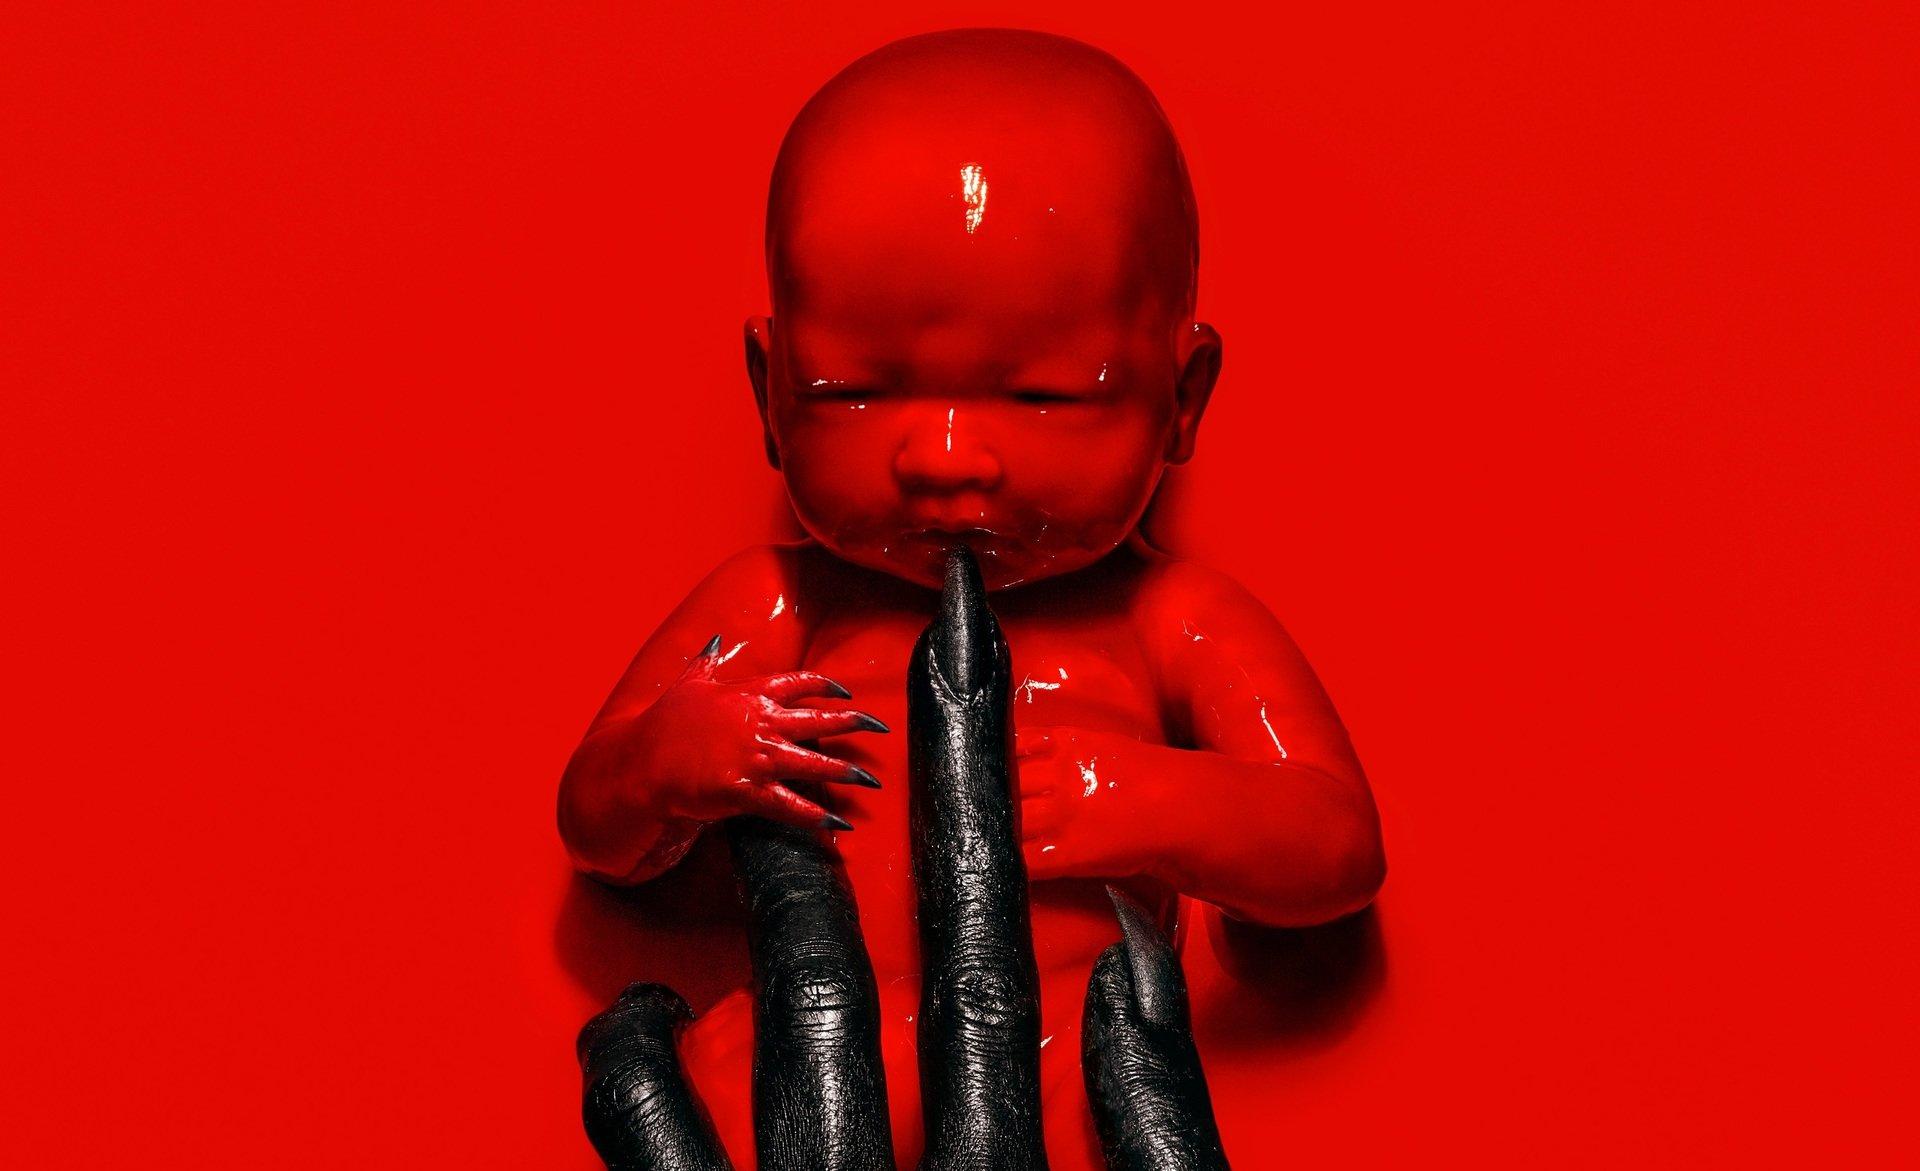 Kończy się świat, jaki znamy! Nadchodzi Apokalipsa! American Horror Story: Apokalipsa już 13 września tylko na FOX!